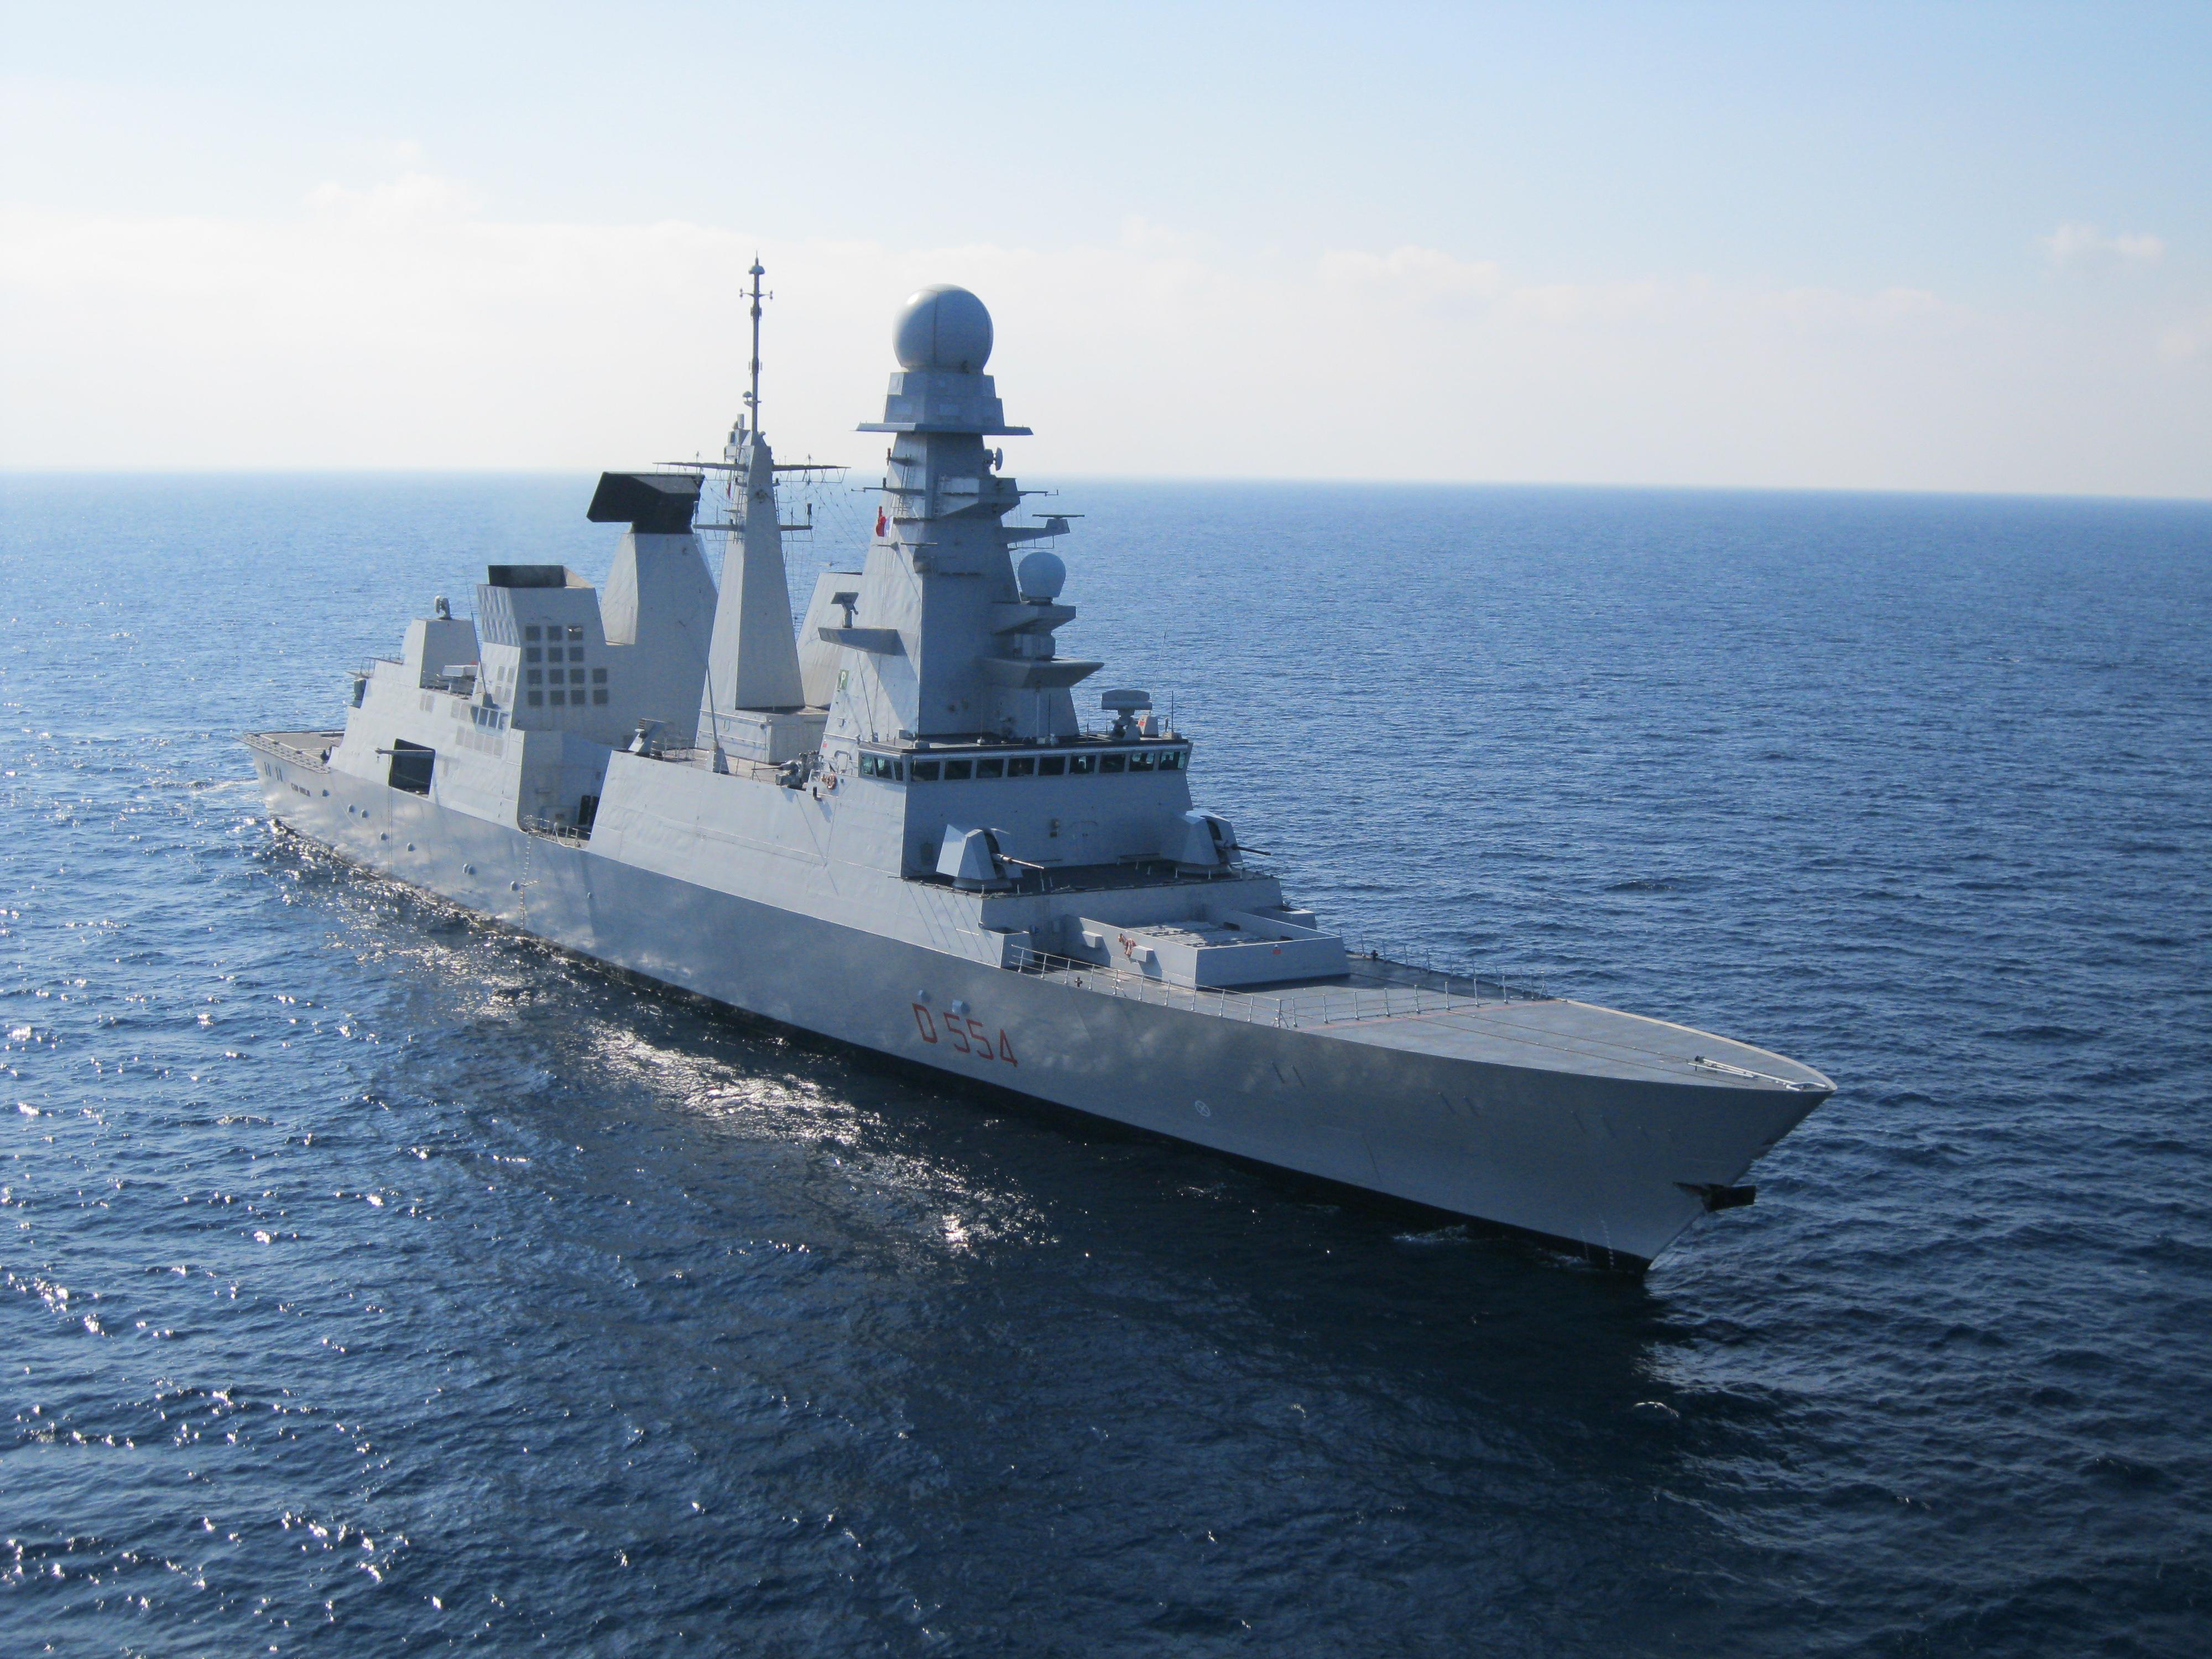 アンドレア・ドーリア級駆逐艦 - Wikipedia